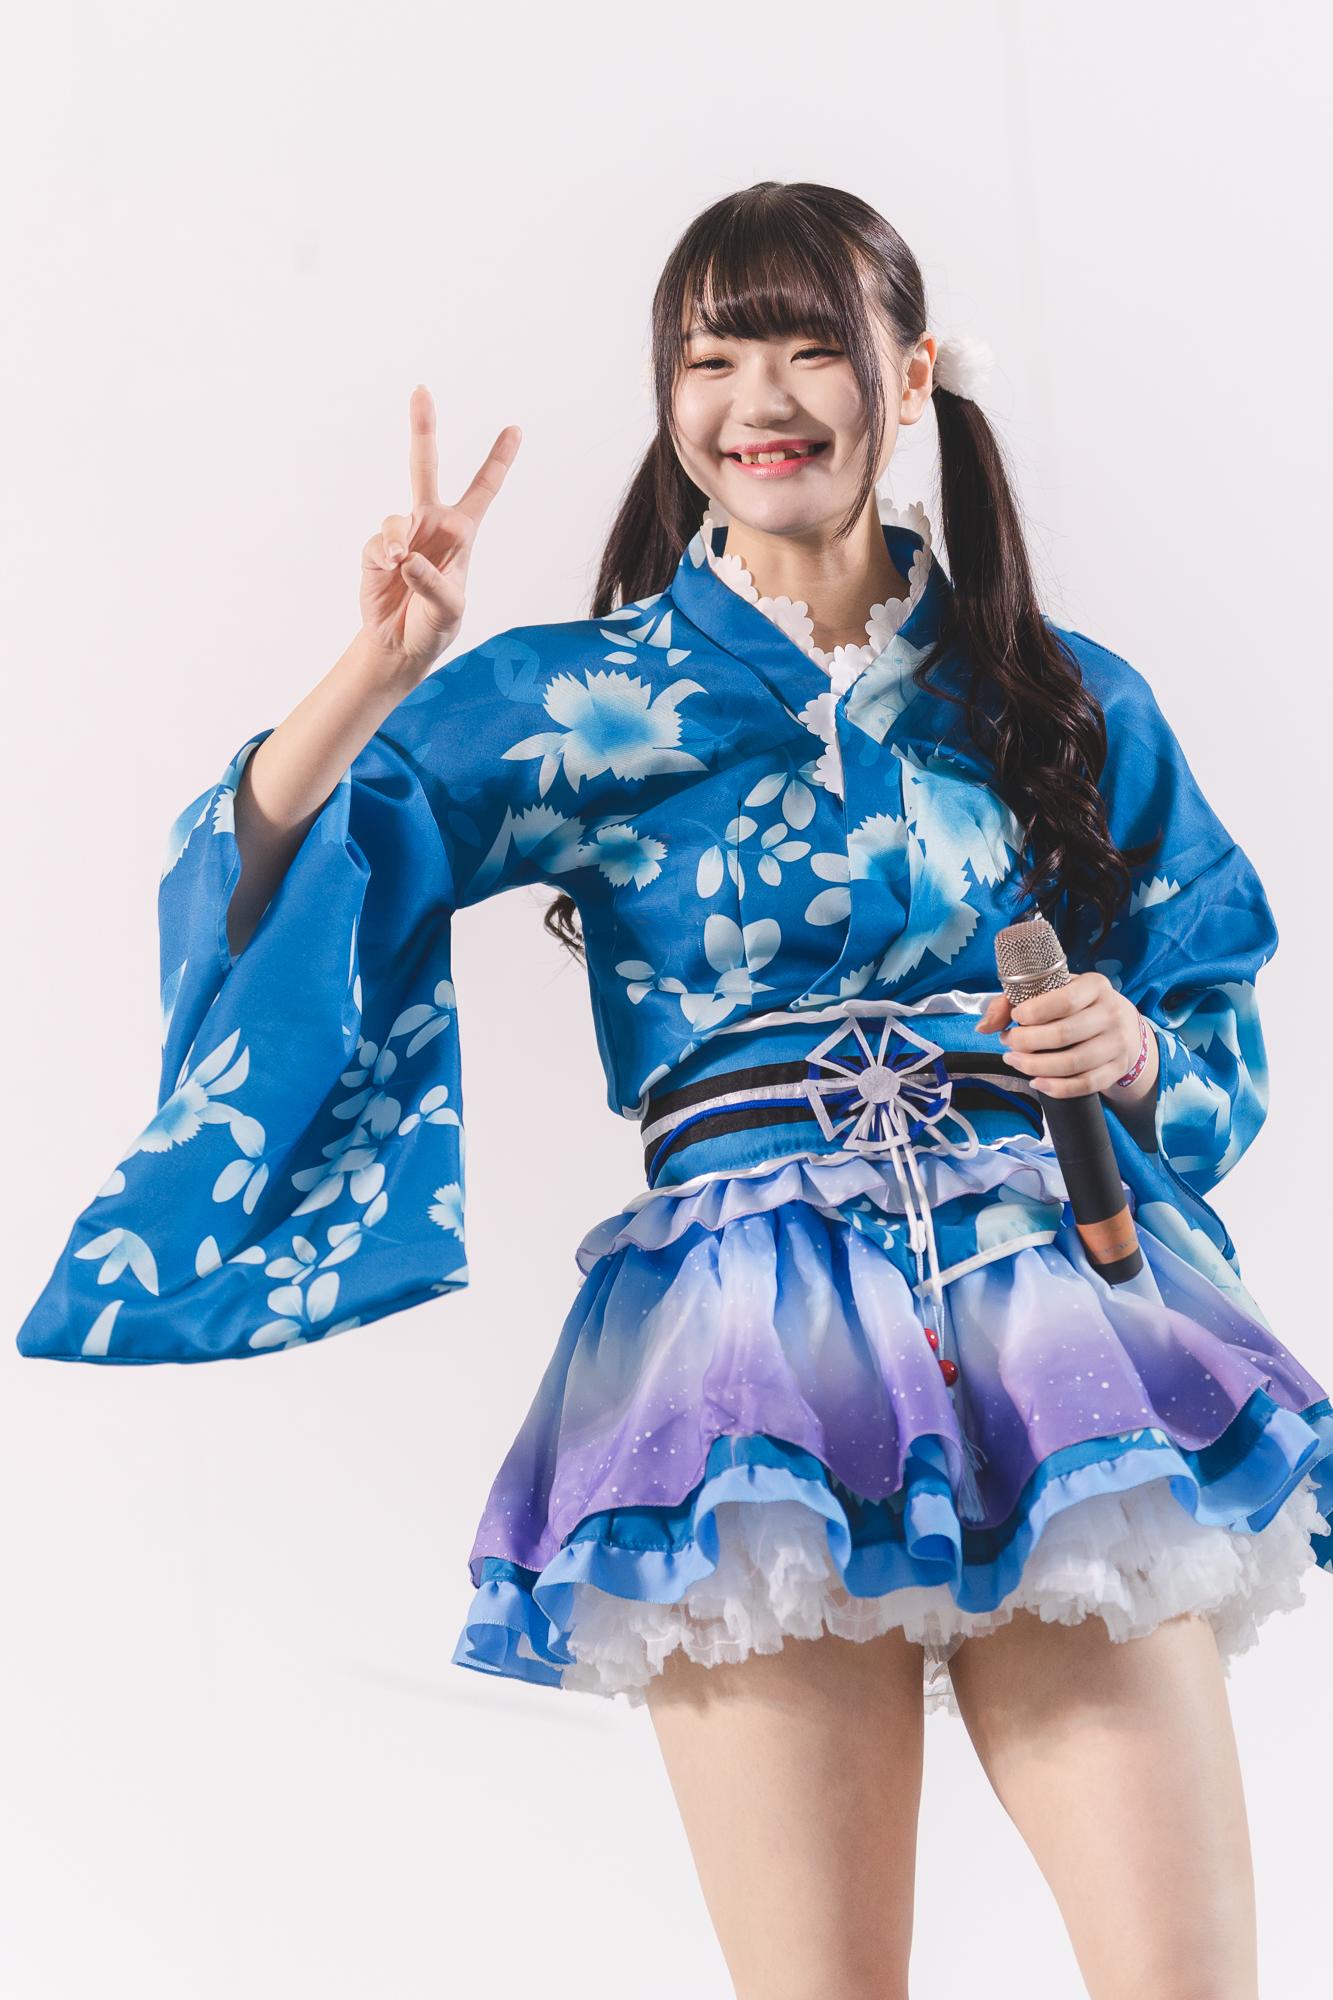 3代目HAPPY少女♪ あやか ( 木村あやか ) | 第71回さっぽろ雪まつり